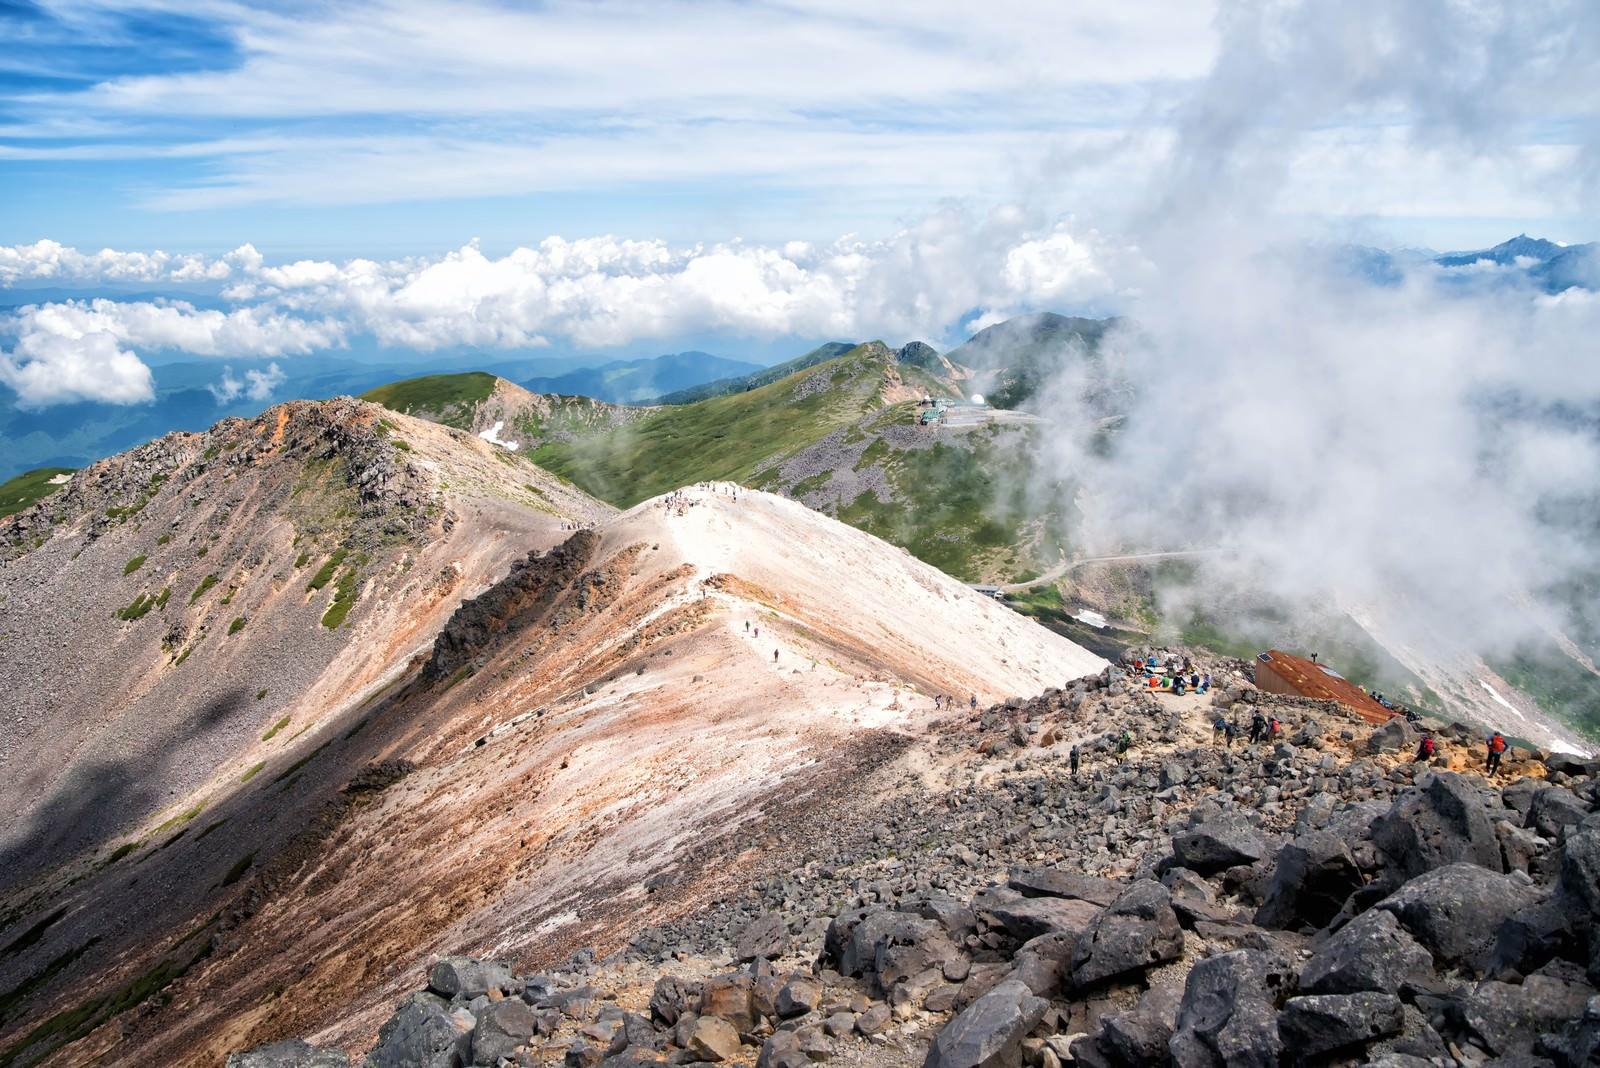 「乗鞍剣ヶ峰への登山道から見える風景」の写真